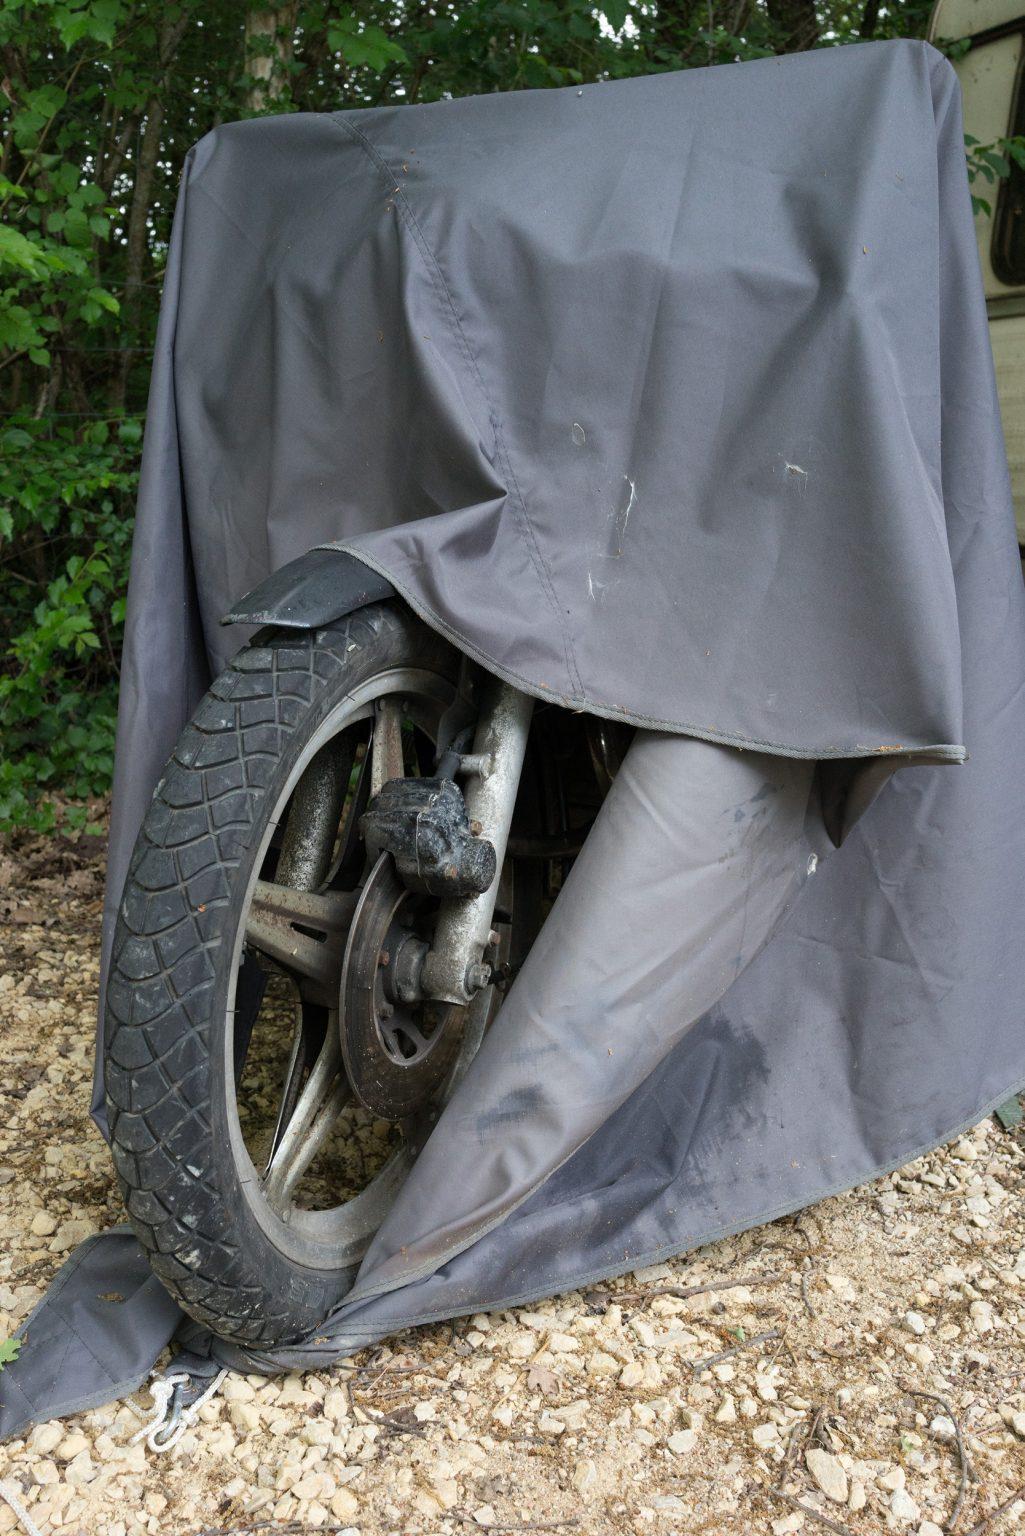 Valdivienne, France, May 2018 - An old motorbike from Tristan Plot, no longer used, covered for the rain. ><  Valdivienne,, Francia, maggio 2018 - Una vecchia motocicletta di Tristan Plot, non più usata, coperta per la pioggia.*** SPECIAL   FEE   APPLIES *** *** Local Caption *** 01489334